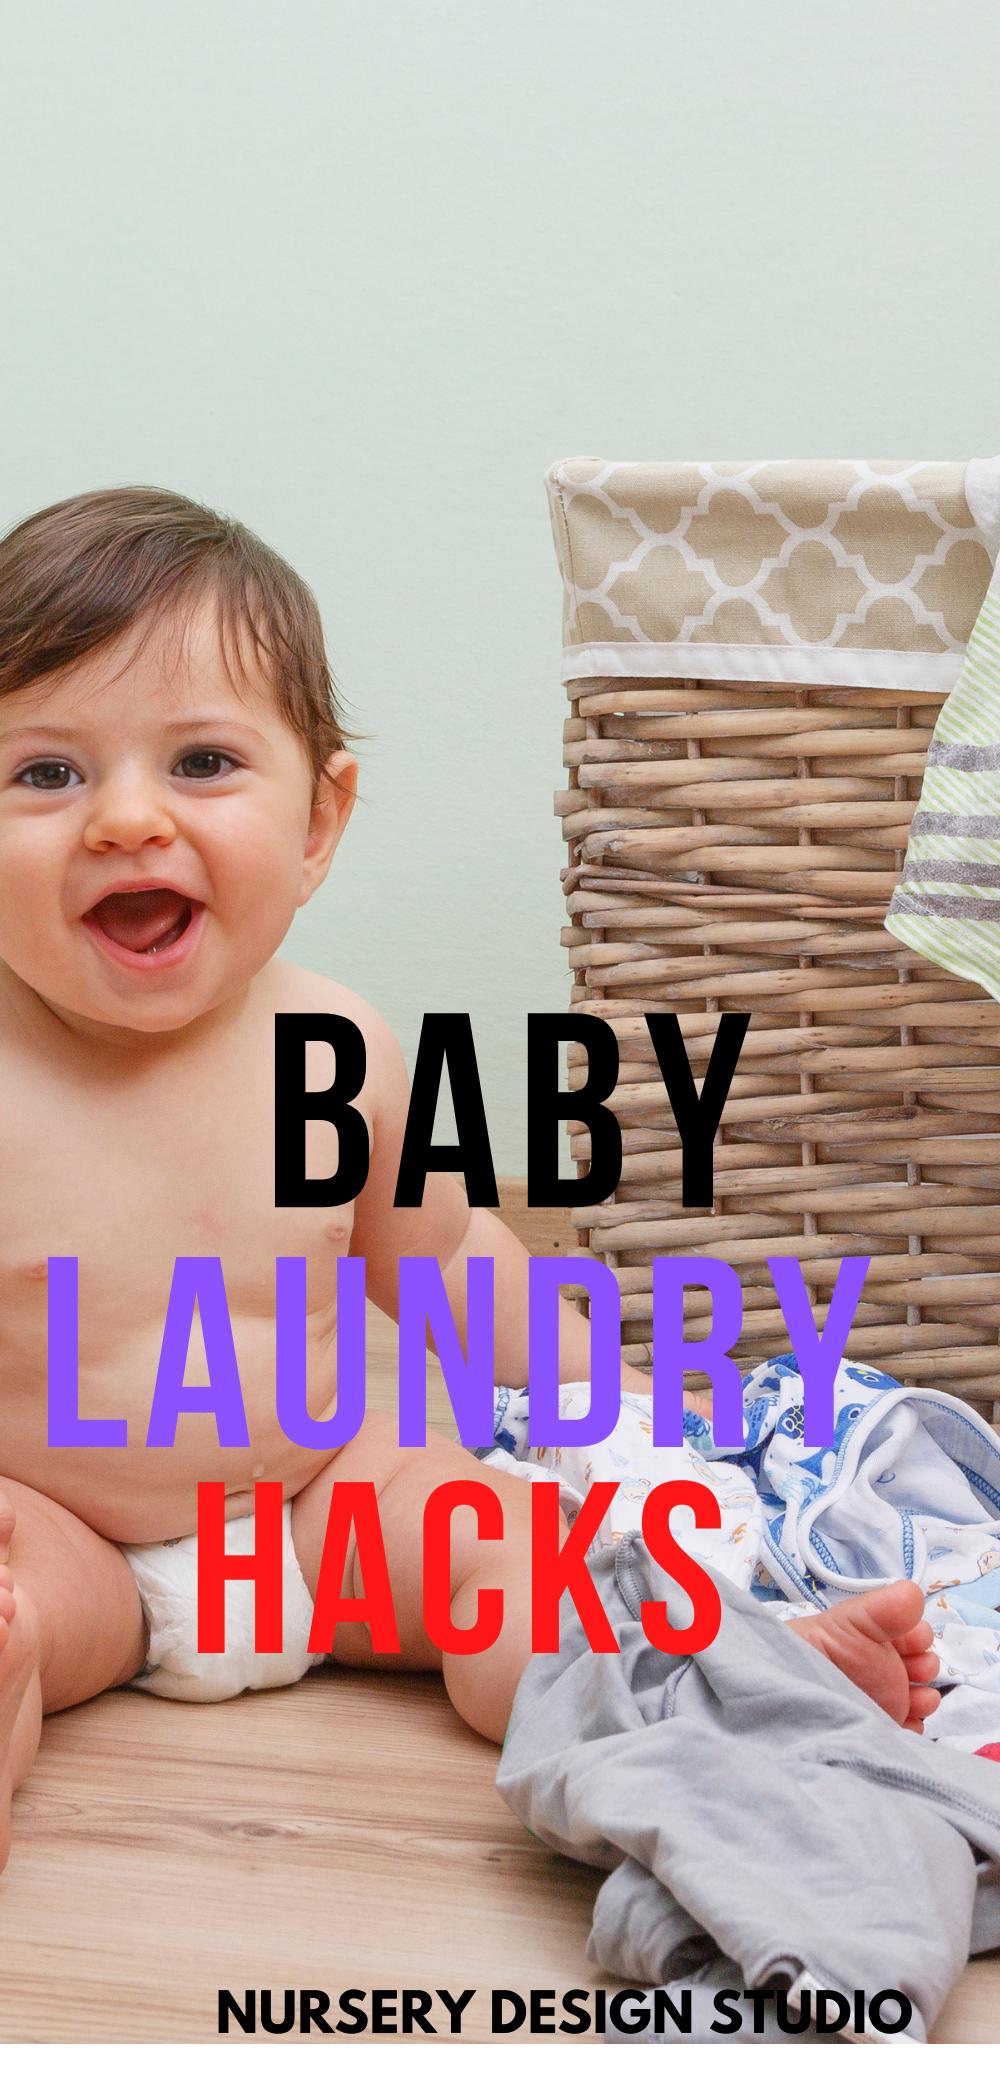 BABY LAUNDRY HACKS